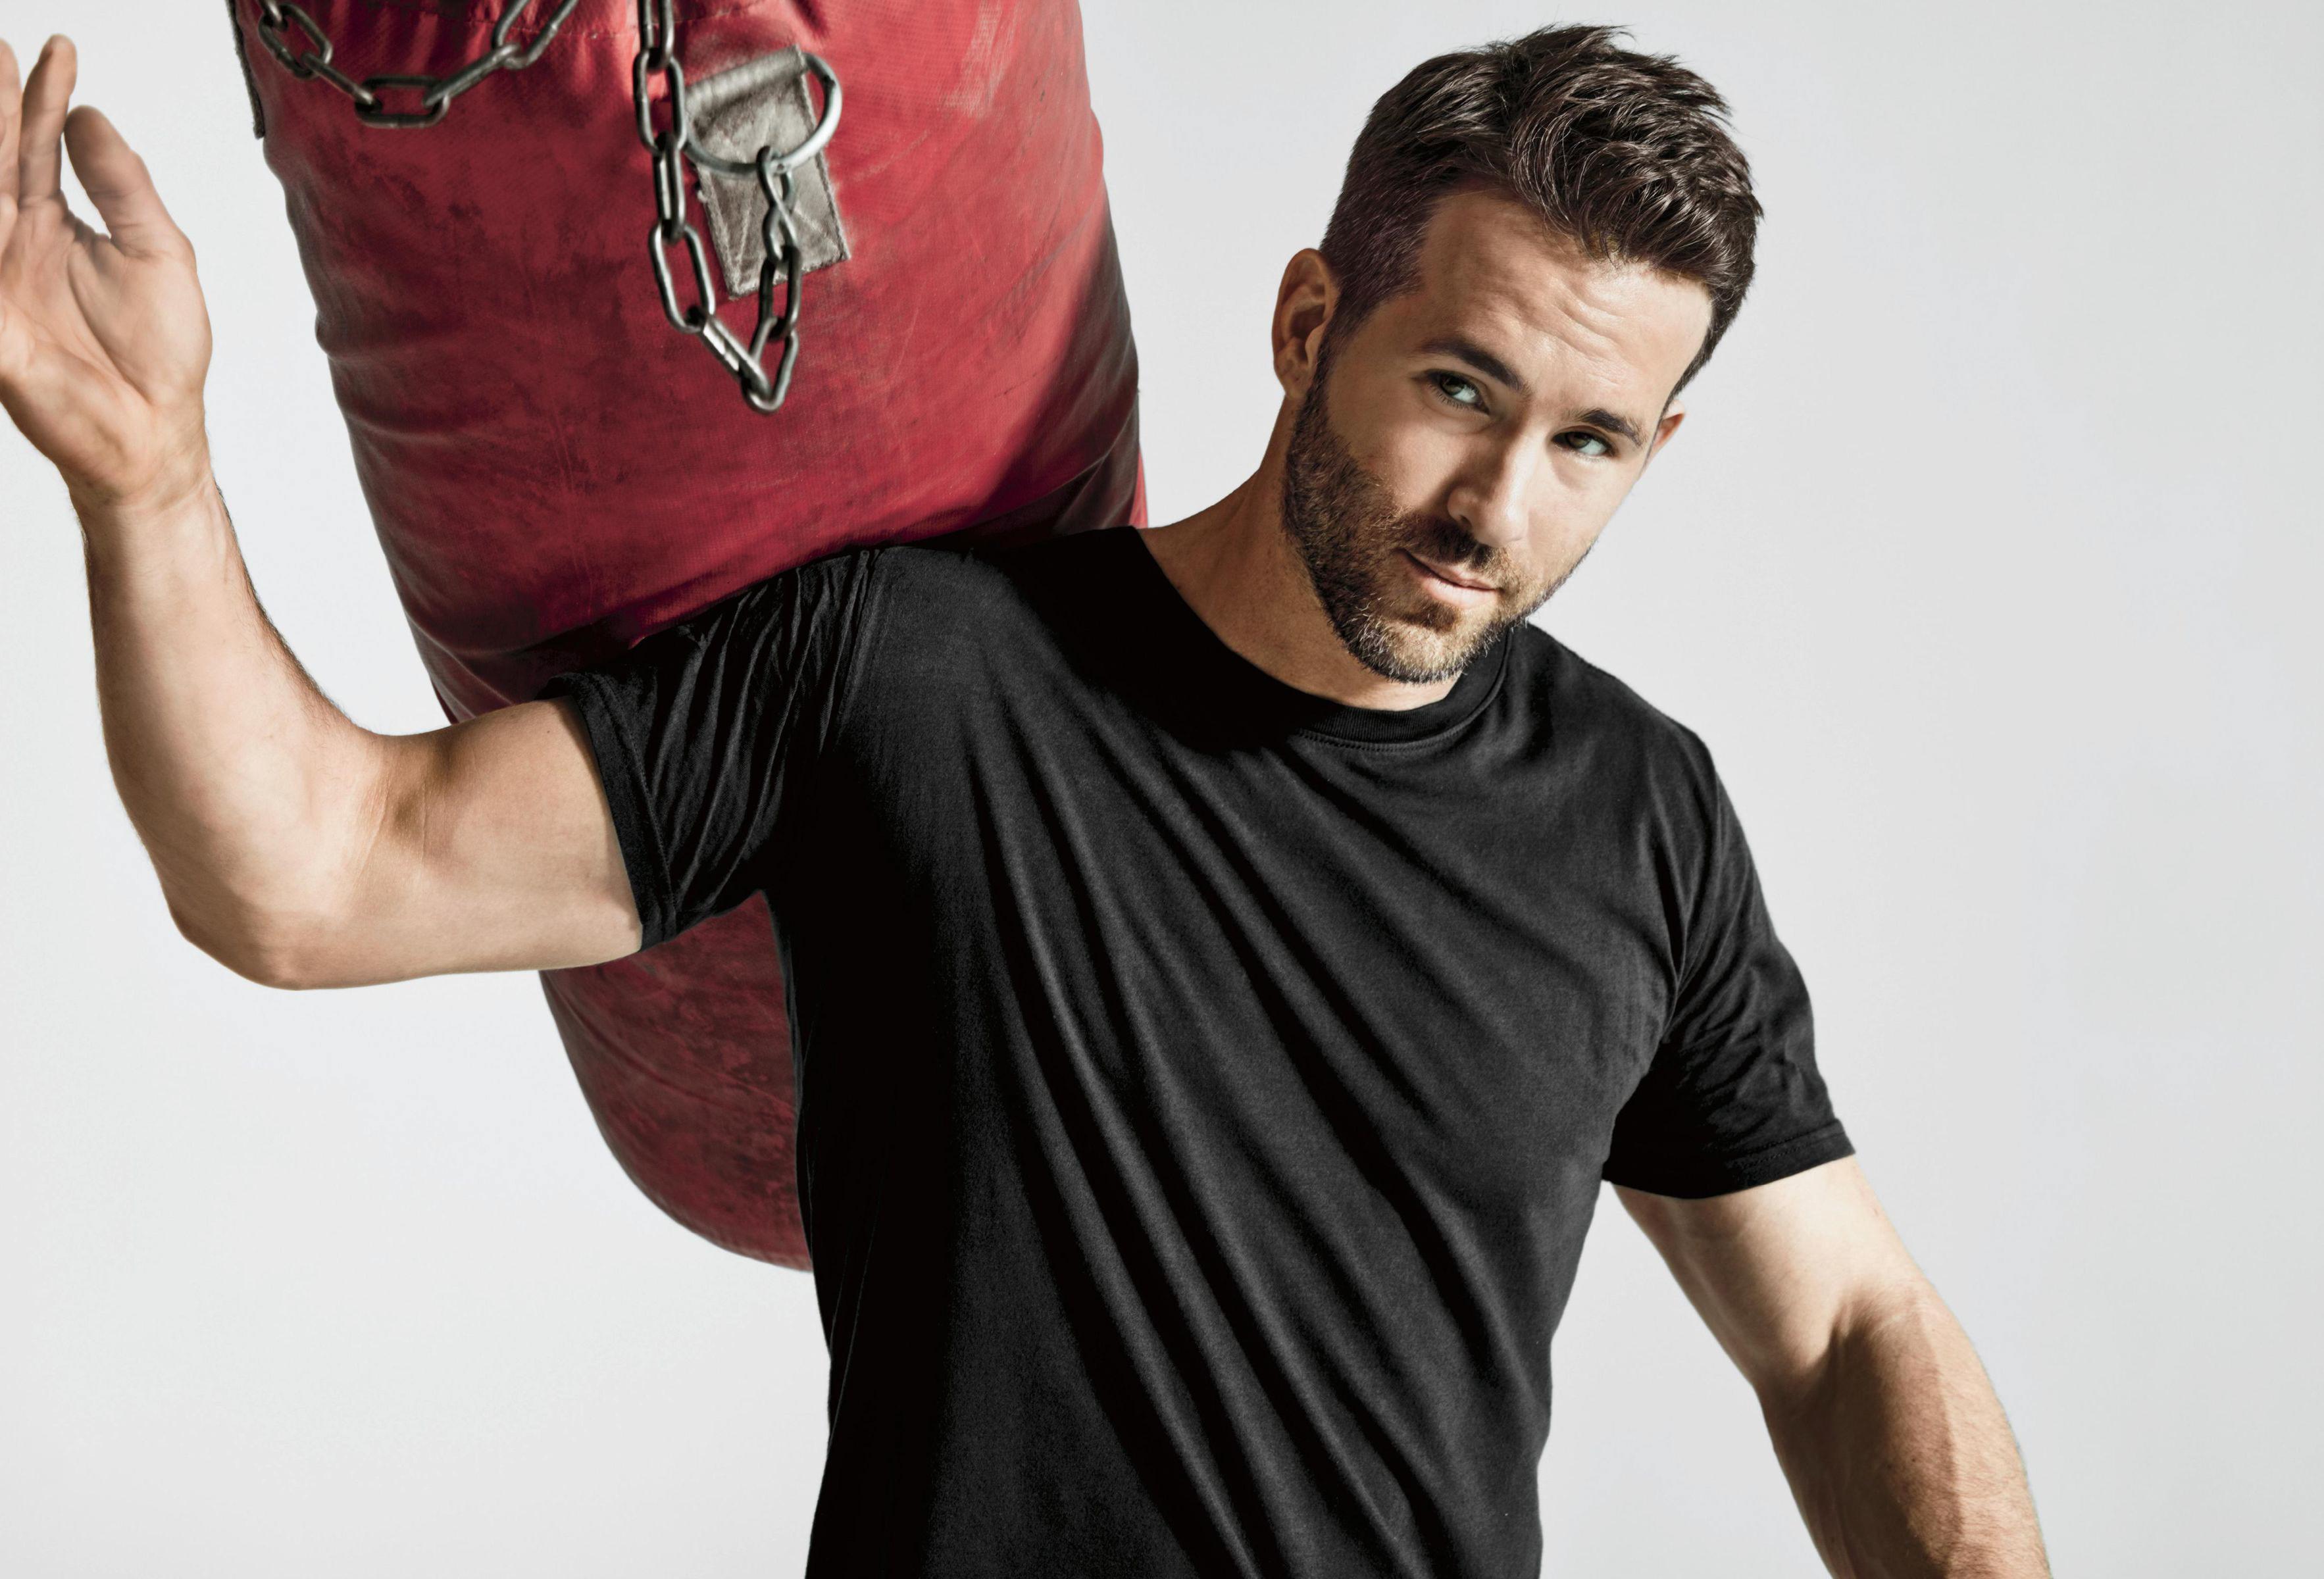 Jeunesse Ryan Reynolds né le 23 octobre 1976 a grandi à Vancouver Il mesure 188 m Son père Jim Reynolds était un homme daffaires et ancien boxeur semi